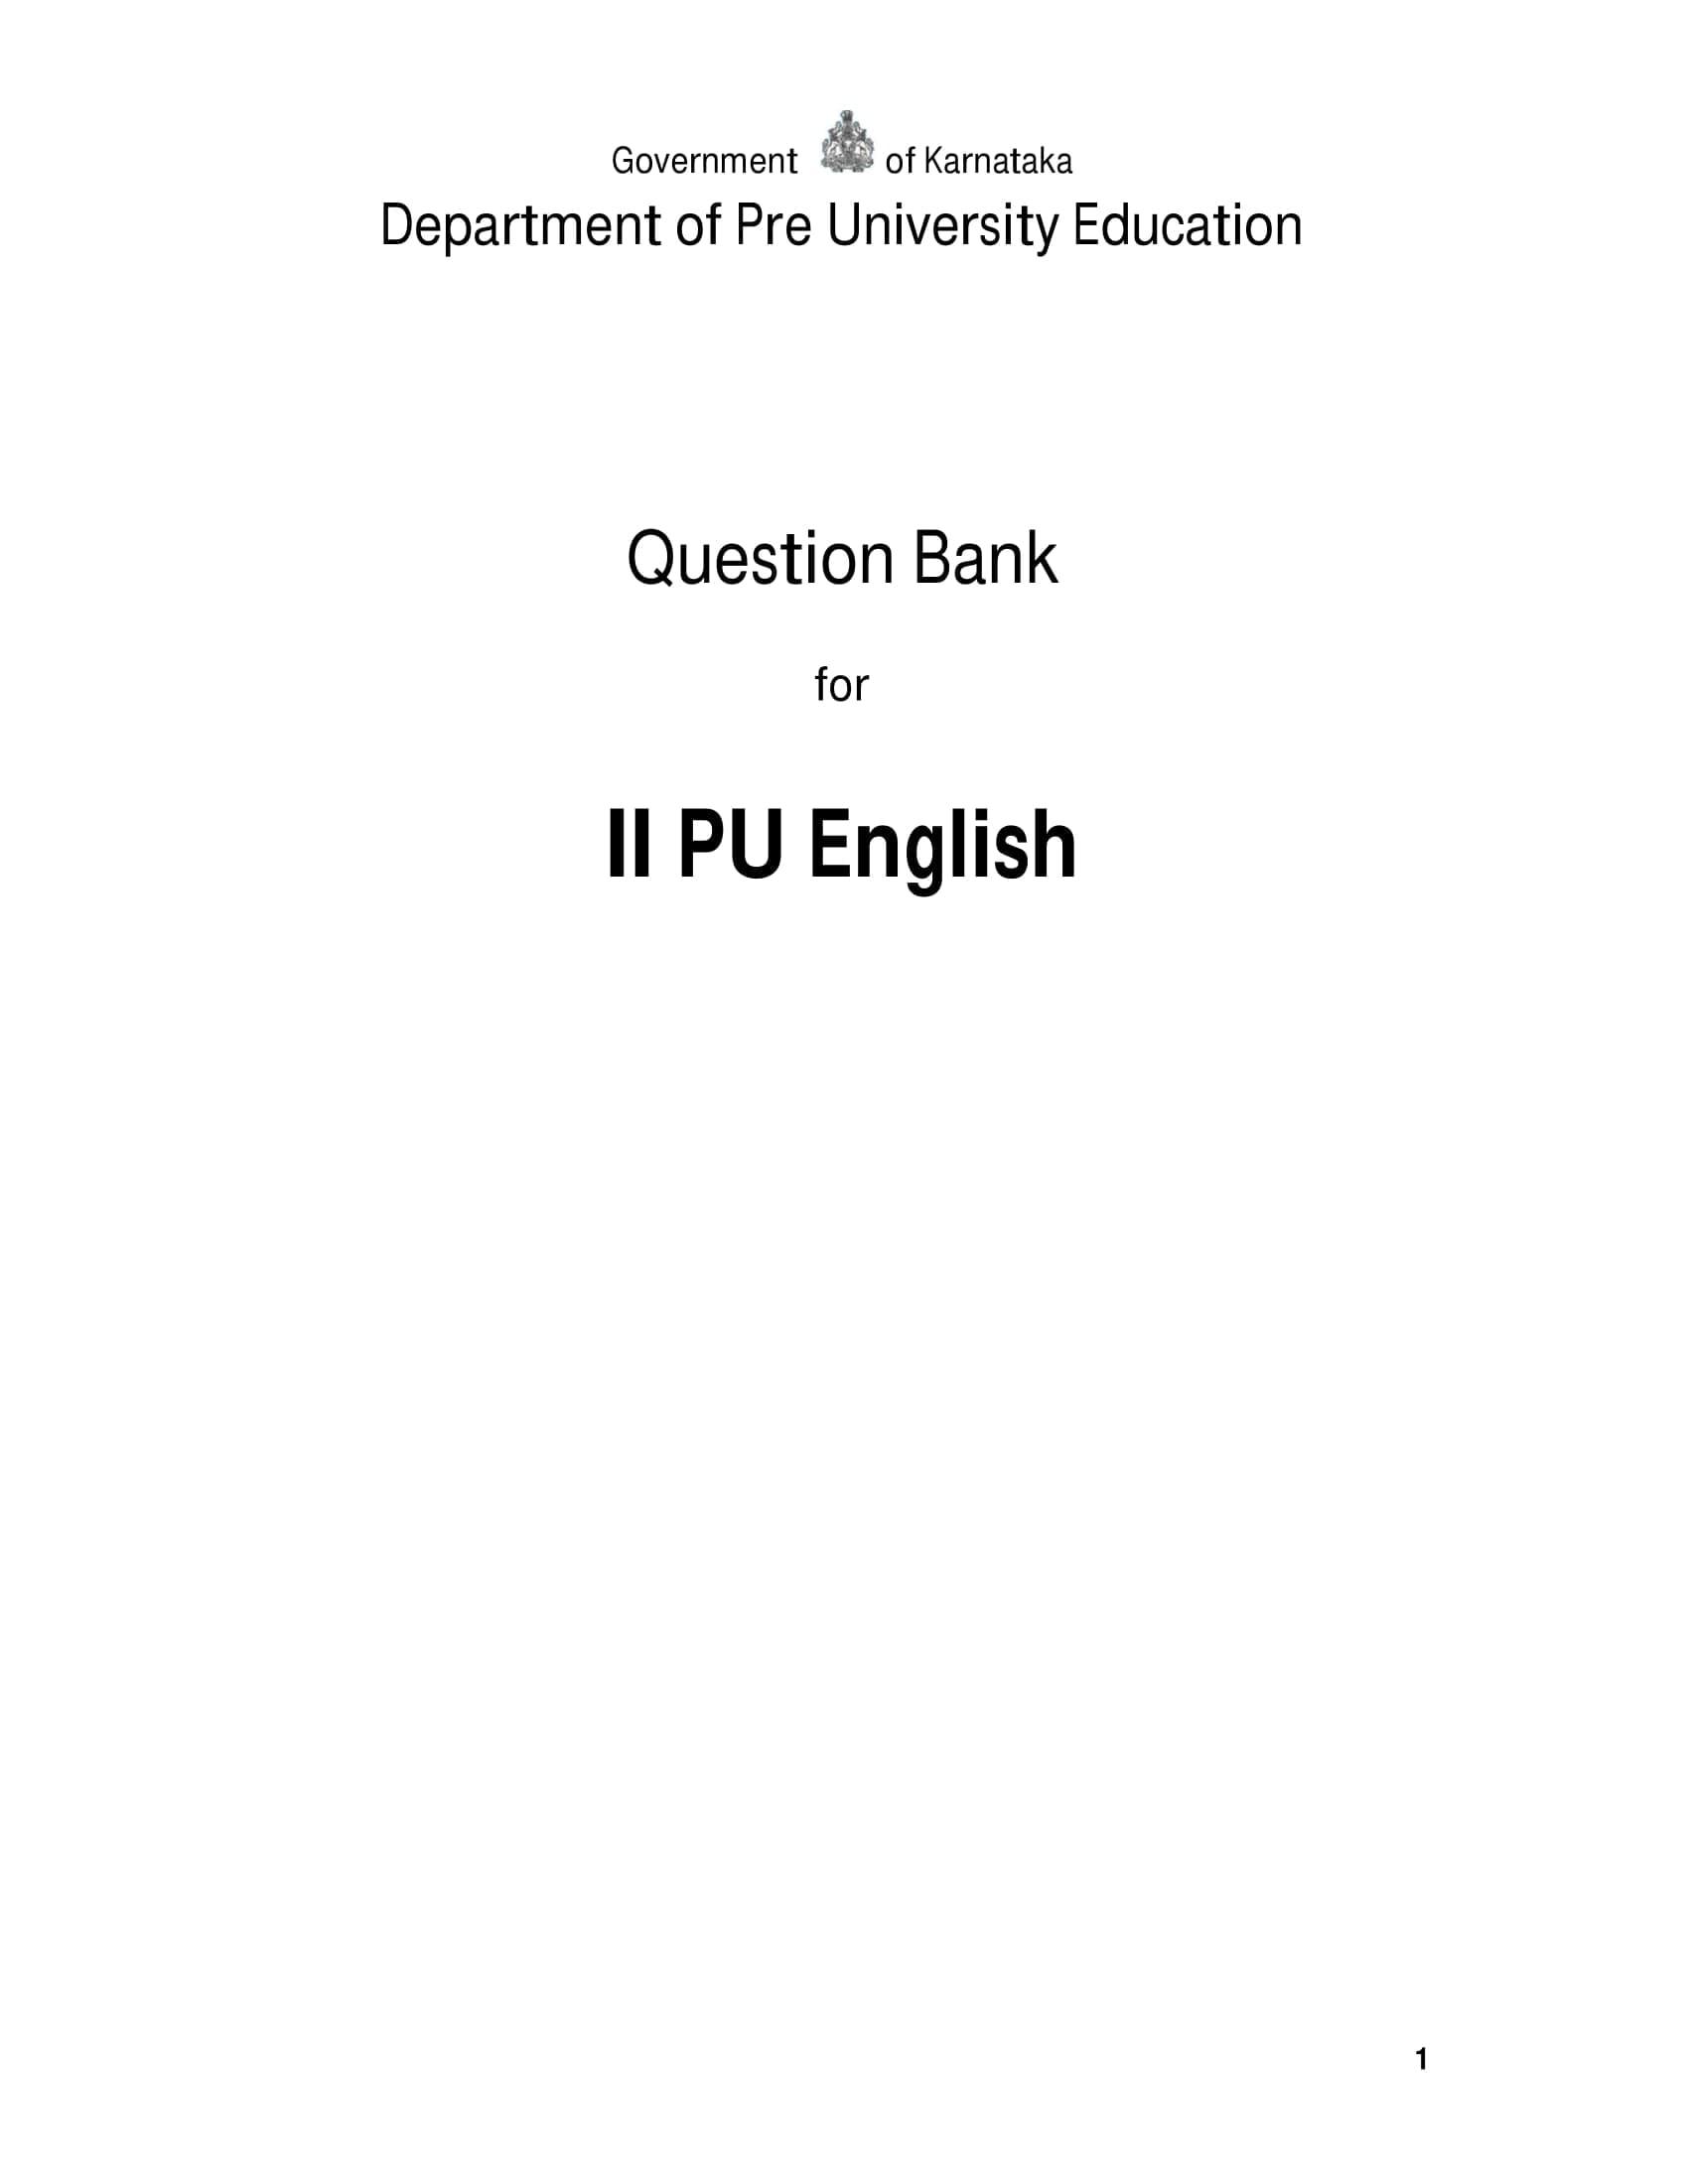 Karnataka 2nd PUC Question Bank for English 2017-18 - Page 1